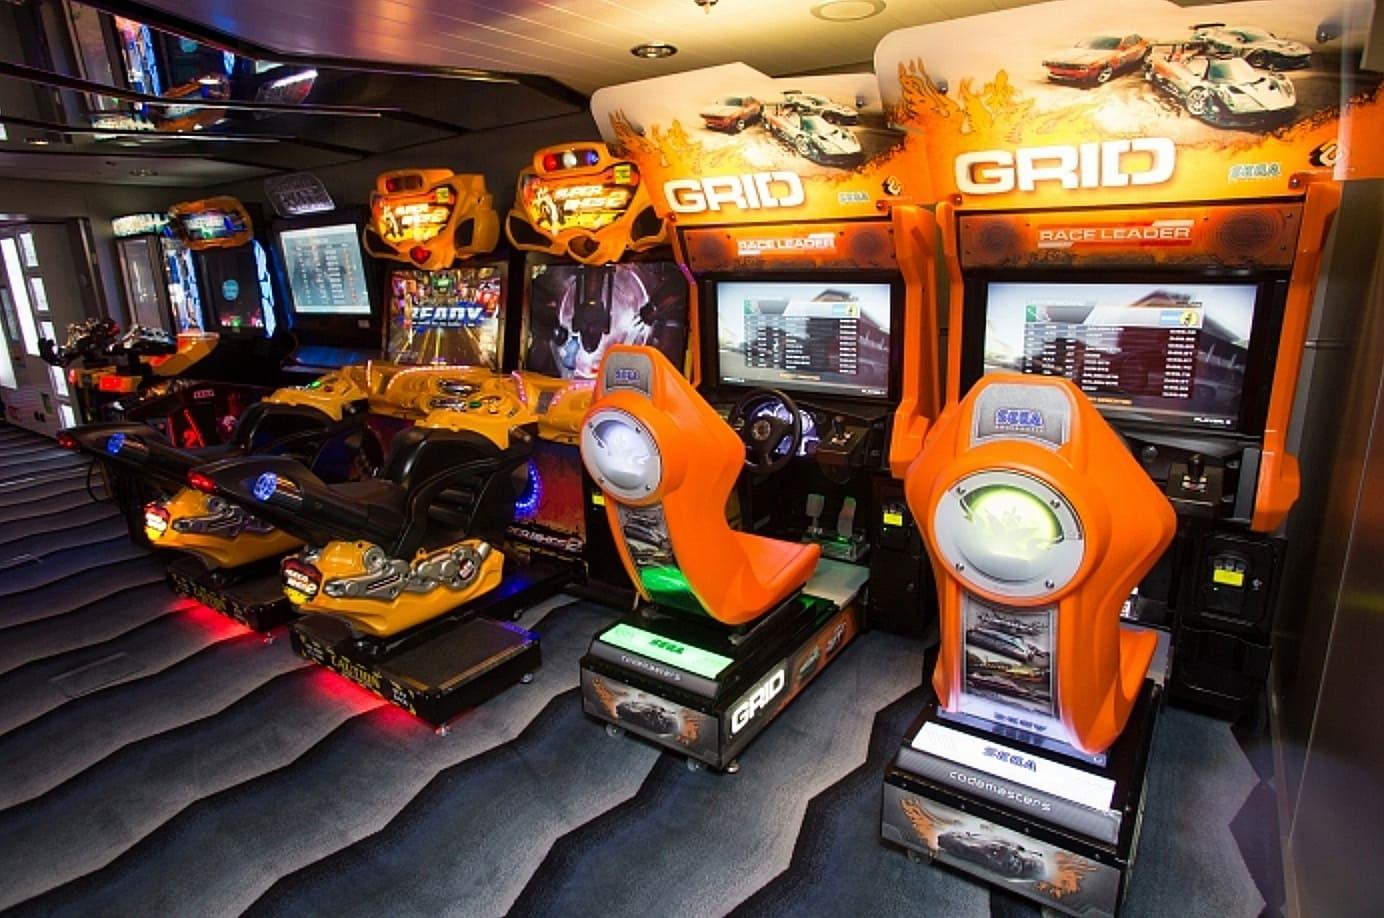 Royal Caribbean Anthem's Arcade